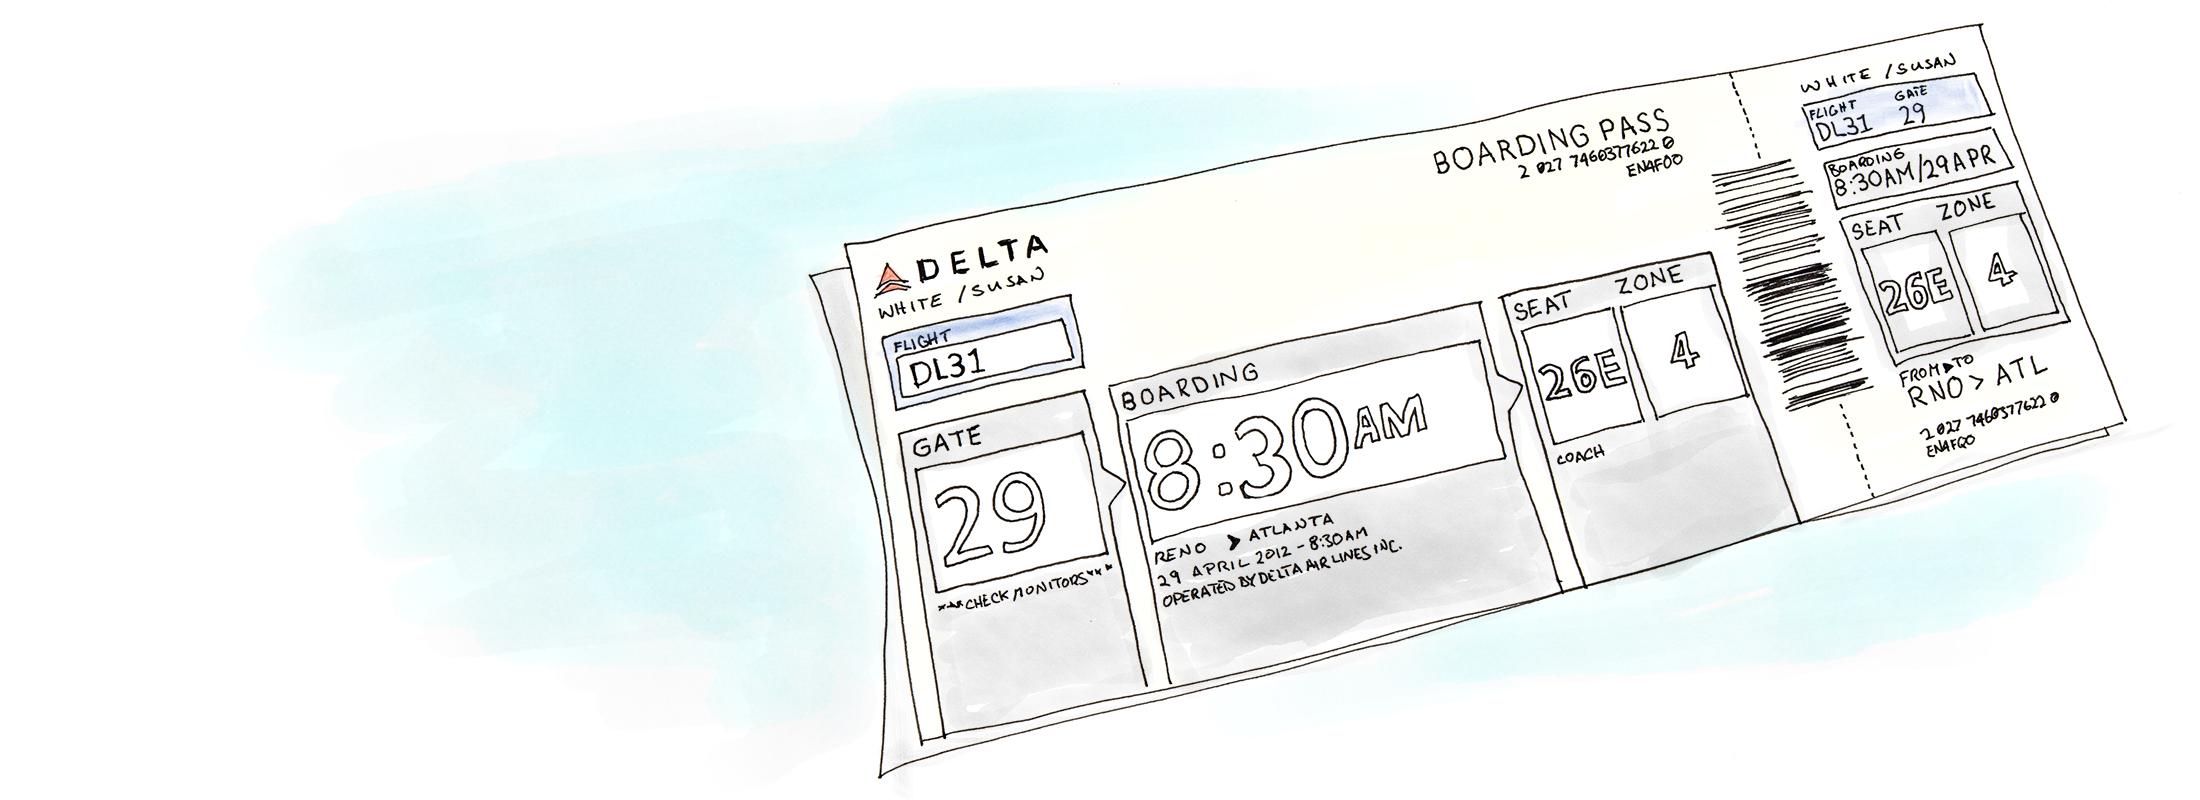 delta_boarding_pass.jpg